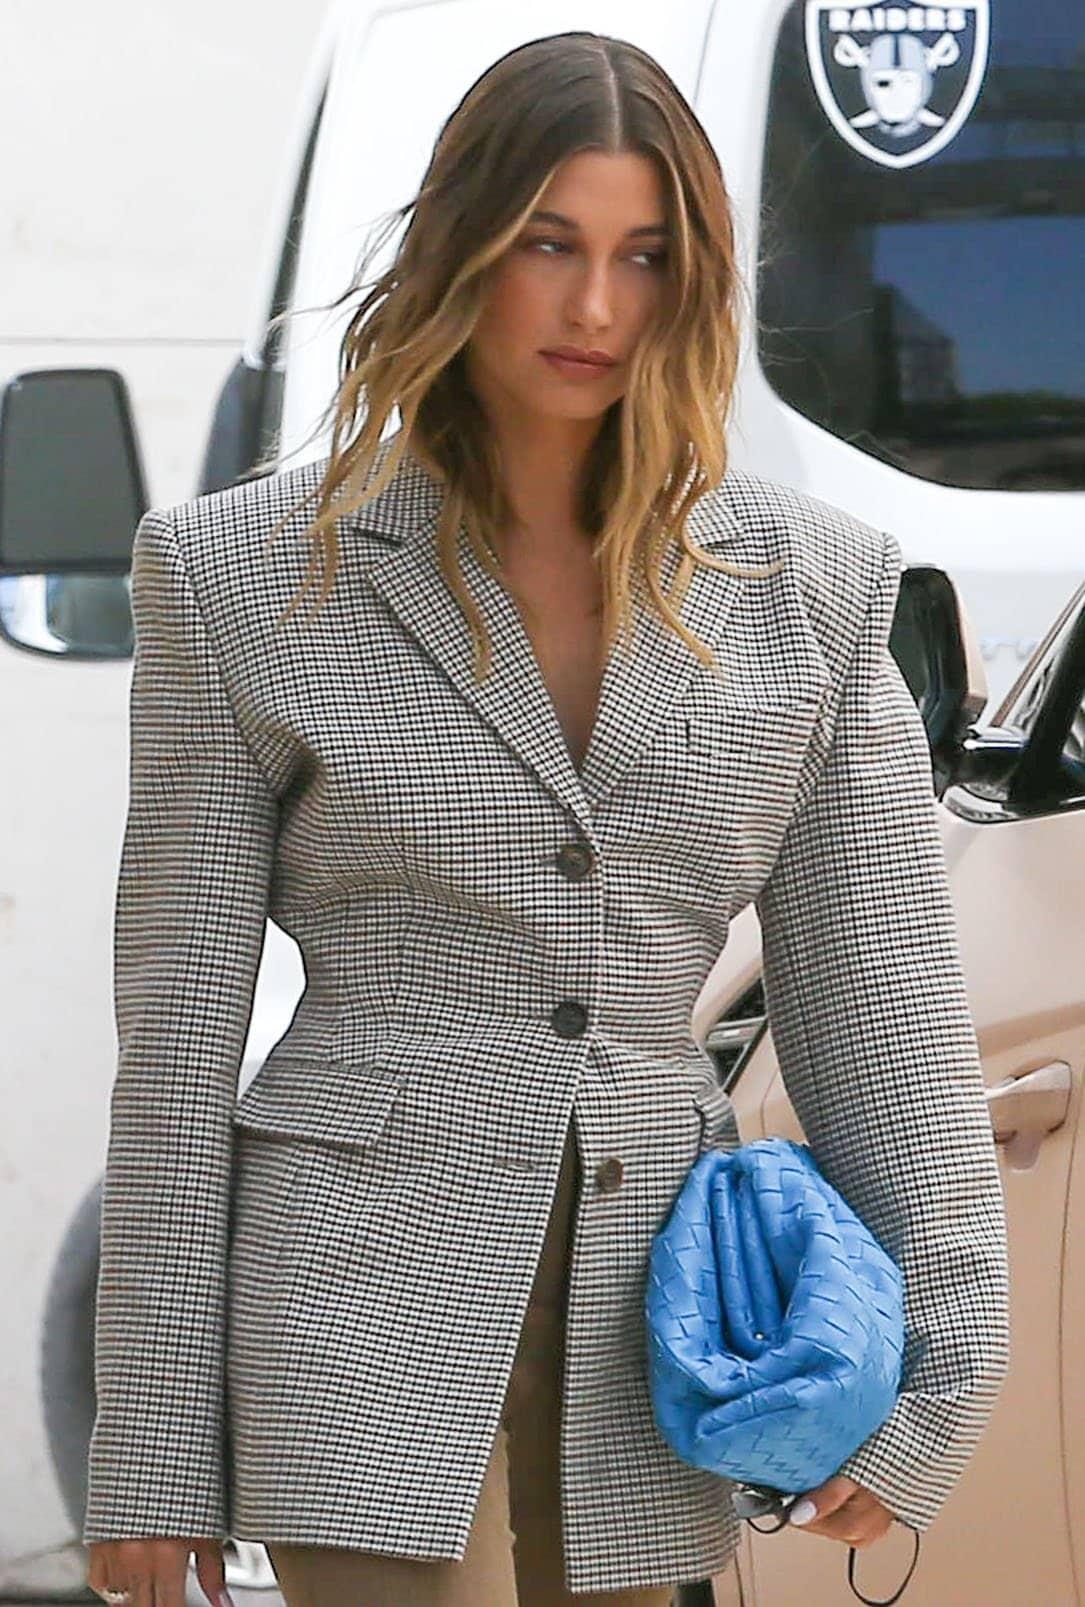 Hailey Bieber carries a blue Bottega Venetta The Pouch clutch